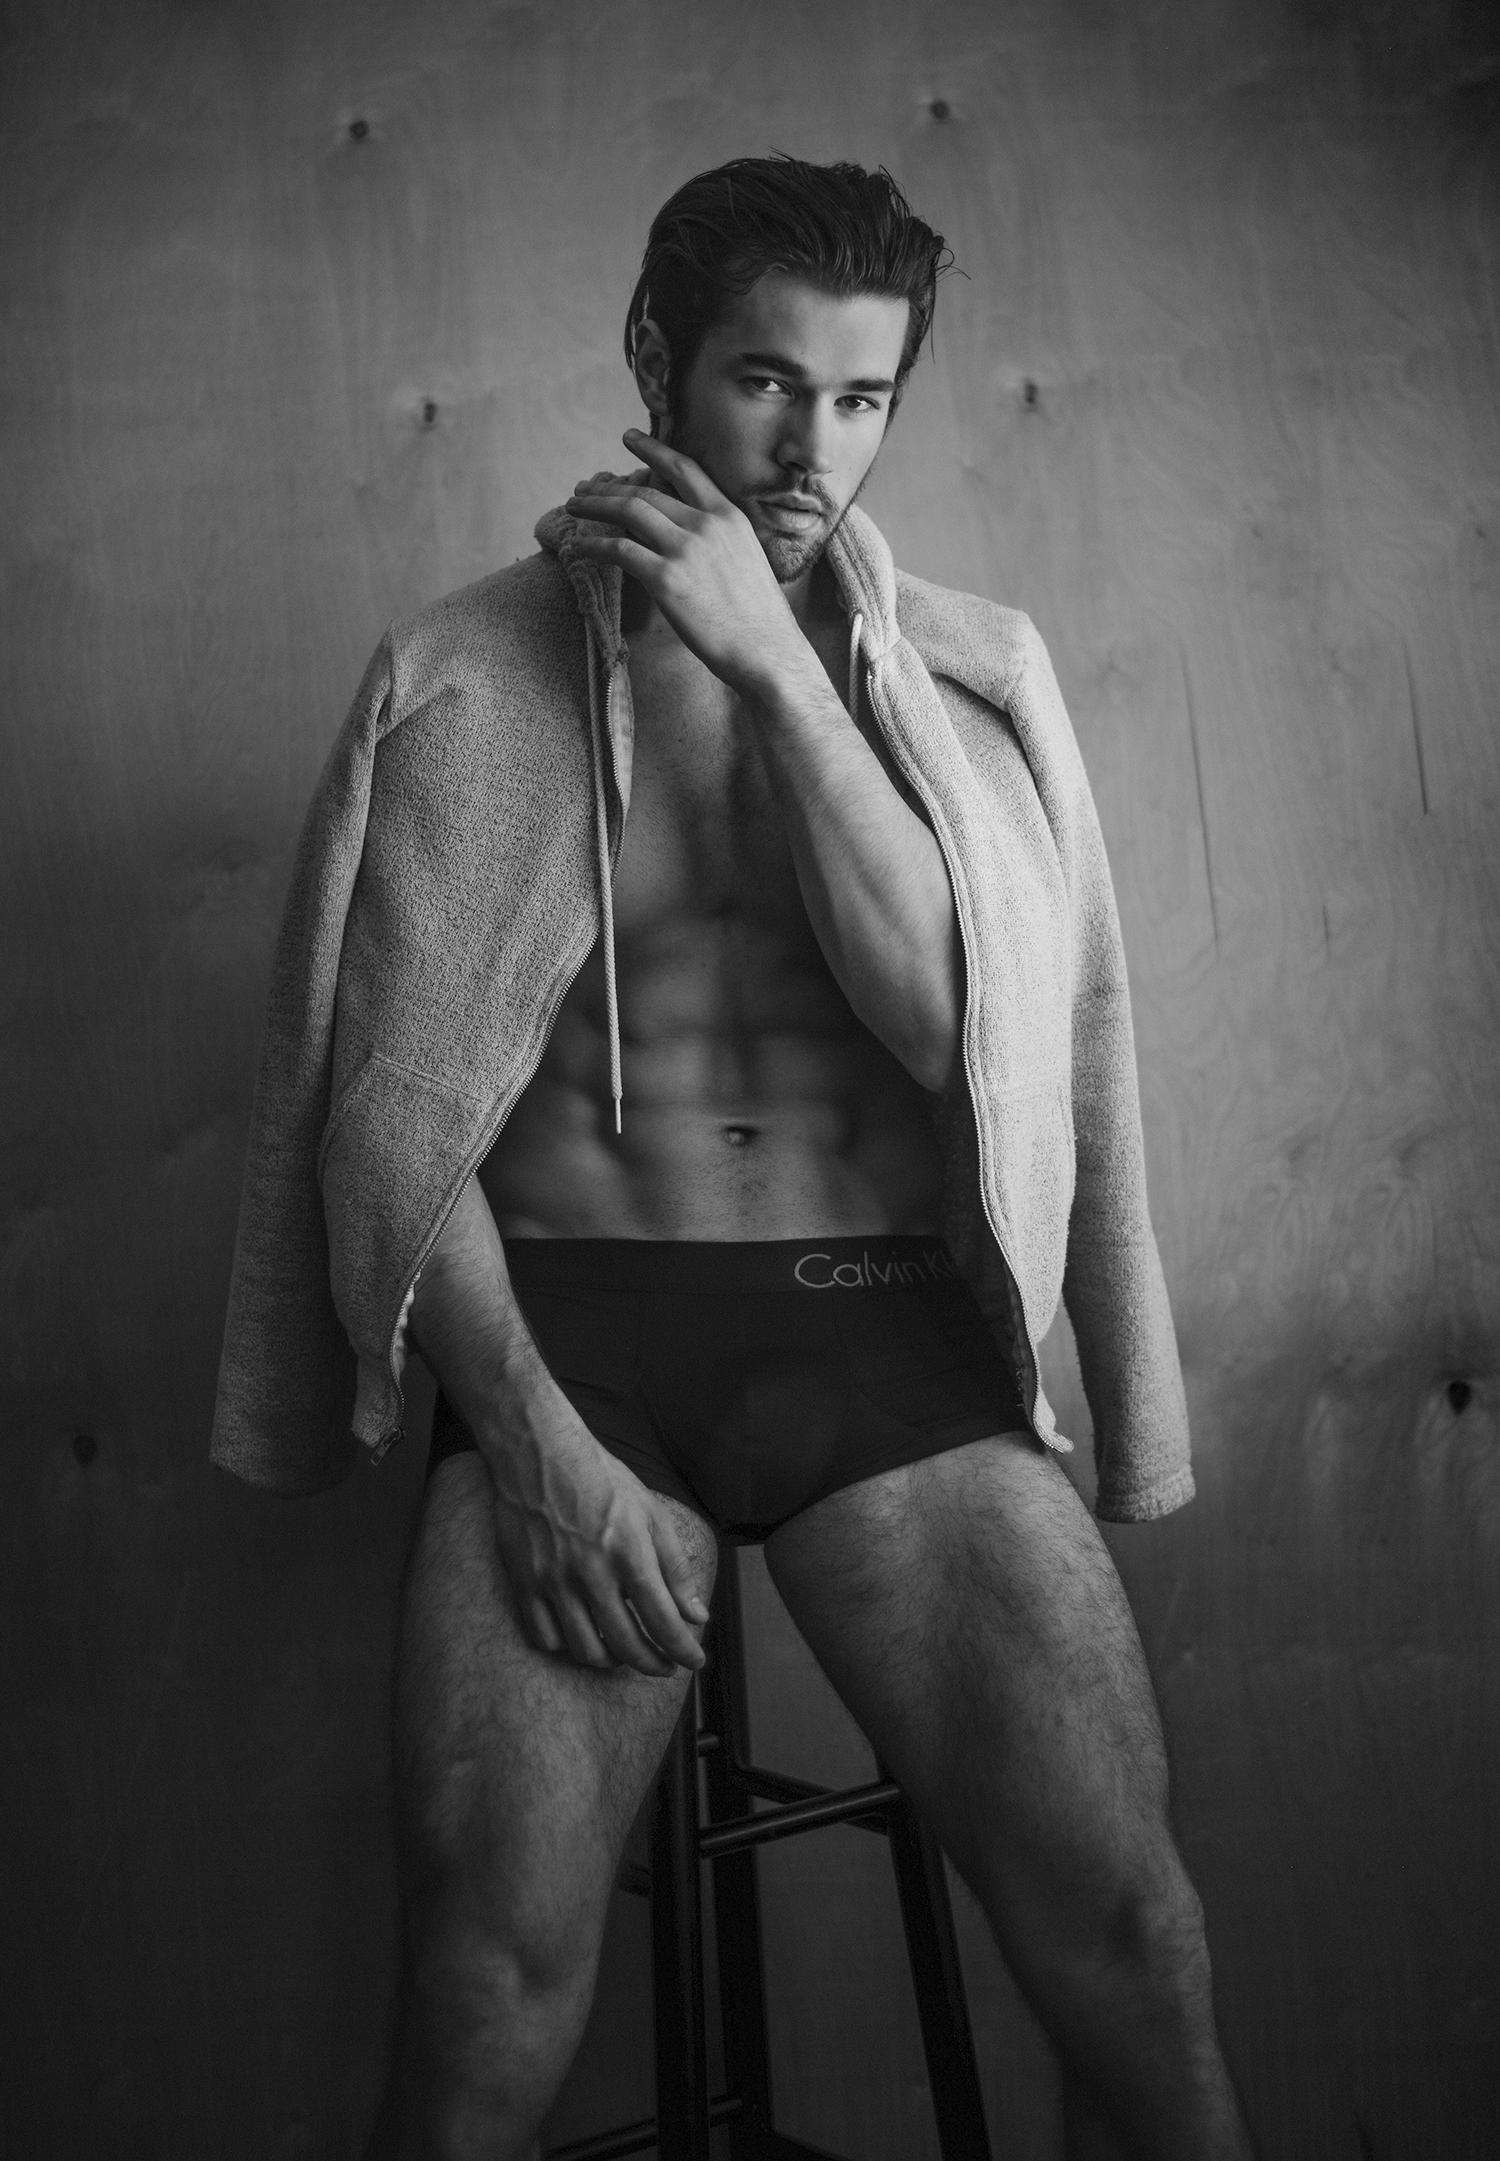 Adon Exclusive: Model Walter Derrig By Frank Mara